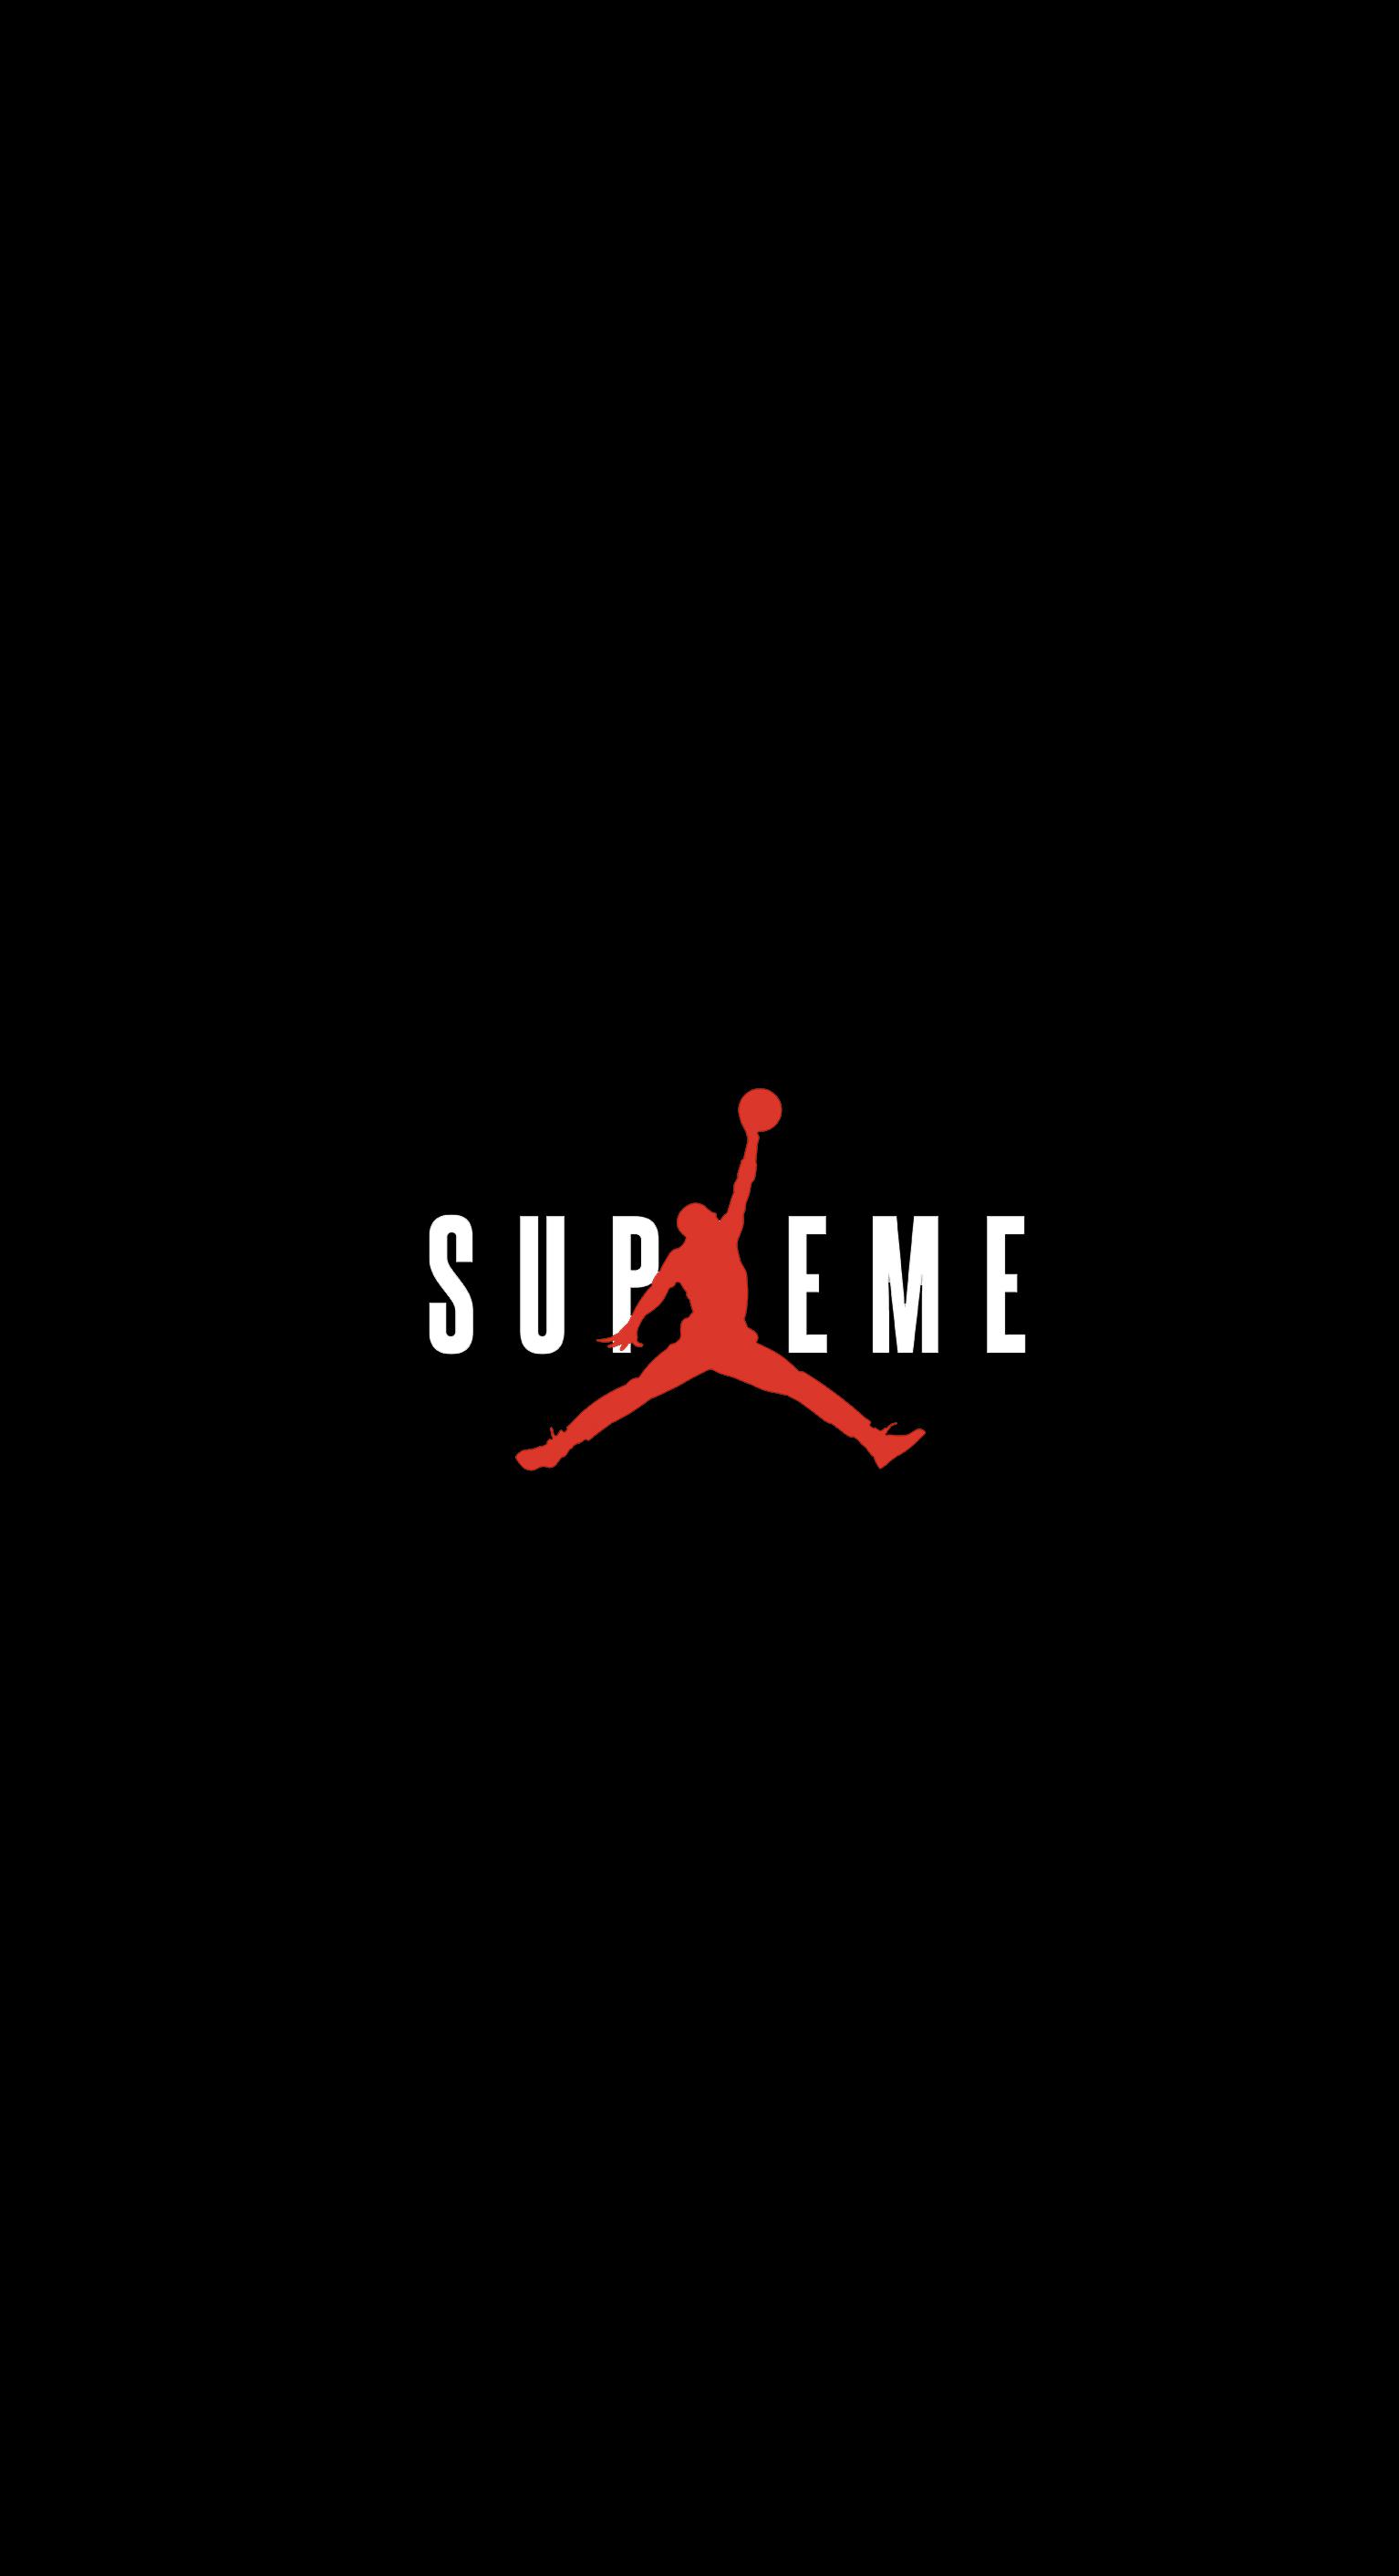 Supreme x Jordan Wallpaper streetwear 1534x2824